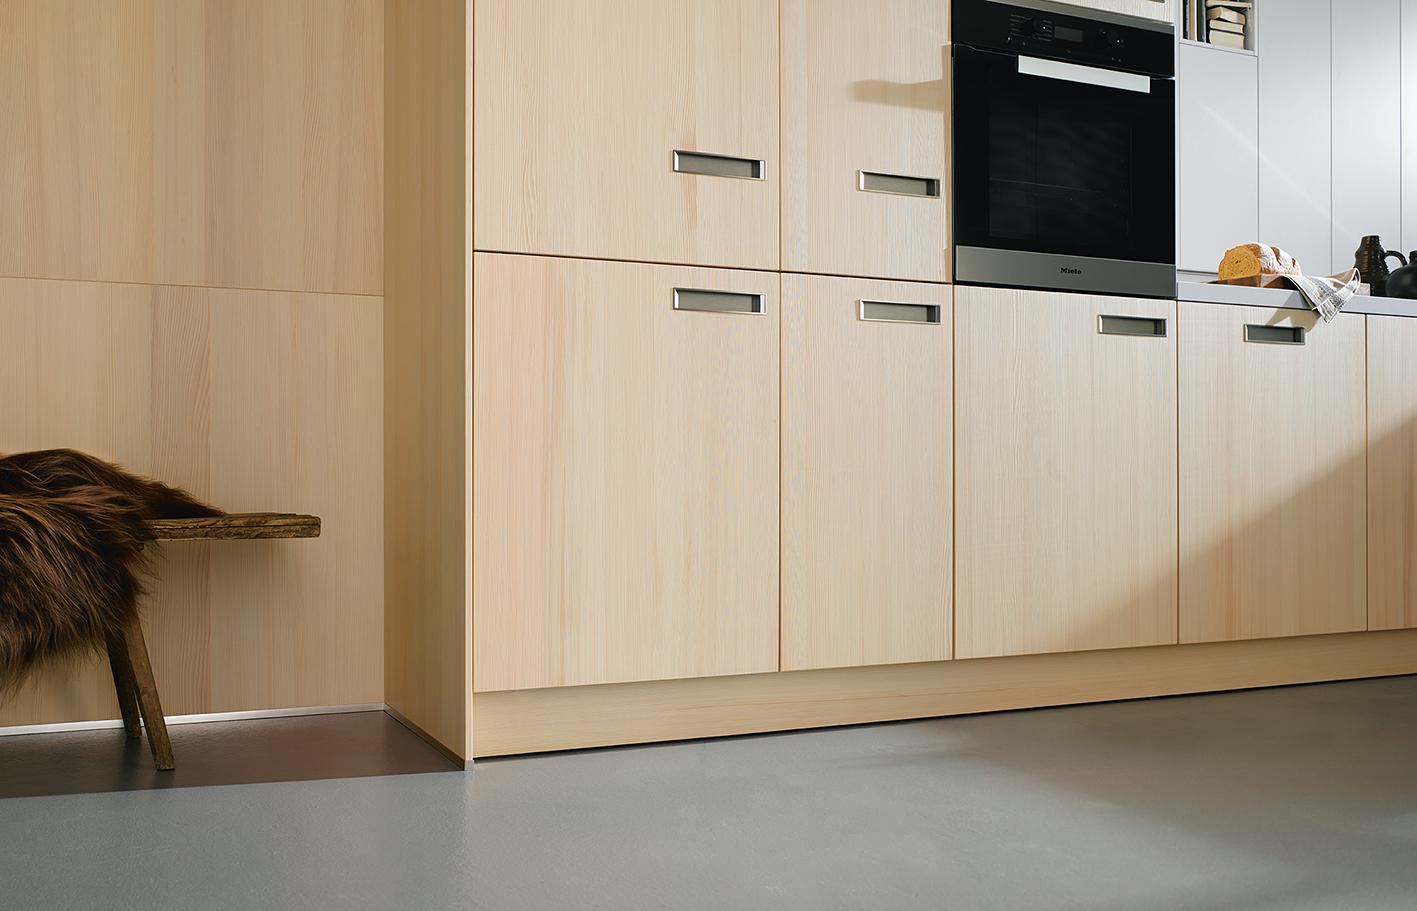 Cuisine intégrée et équipée moderne ambiance élégante haut de gamme annecy